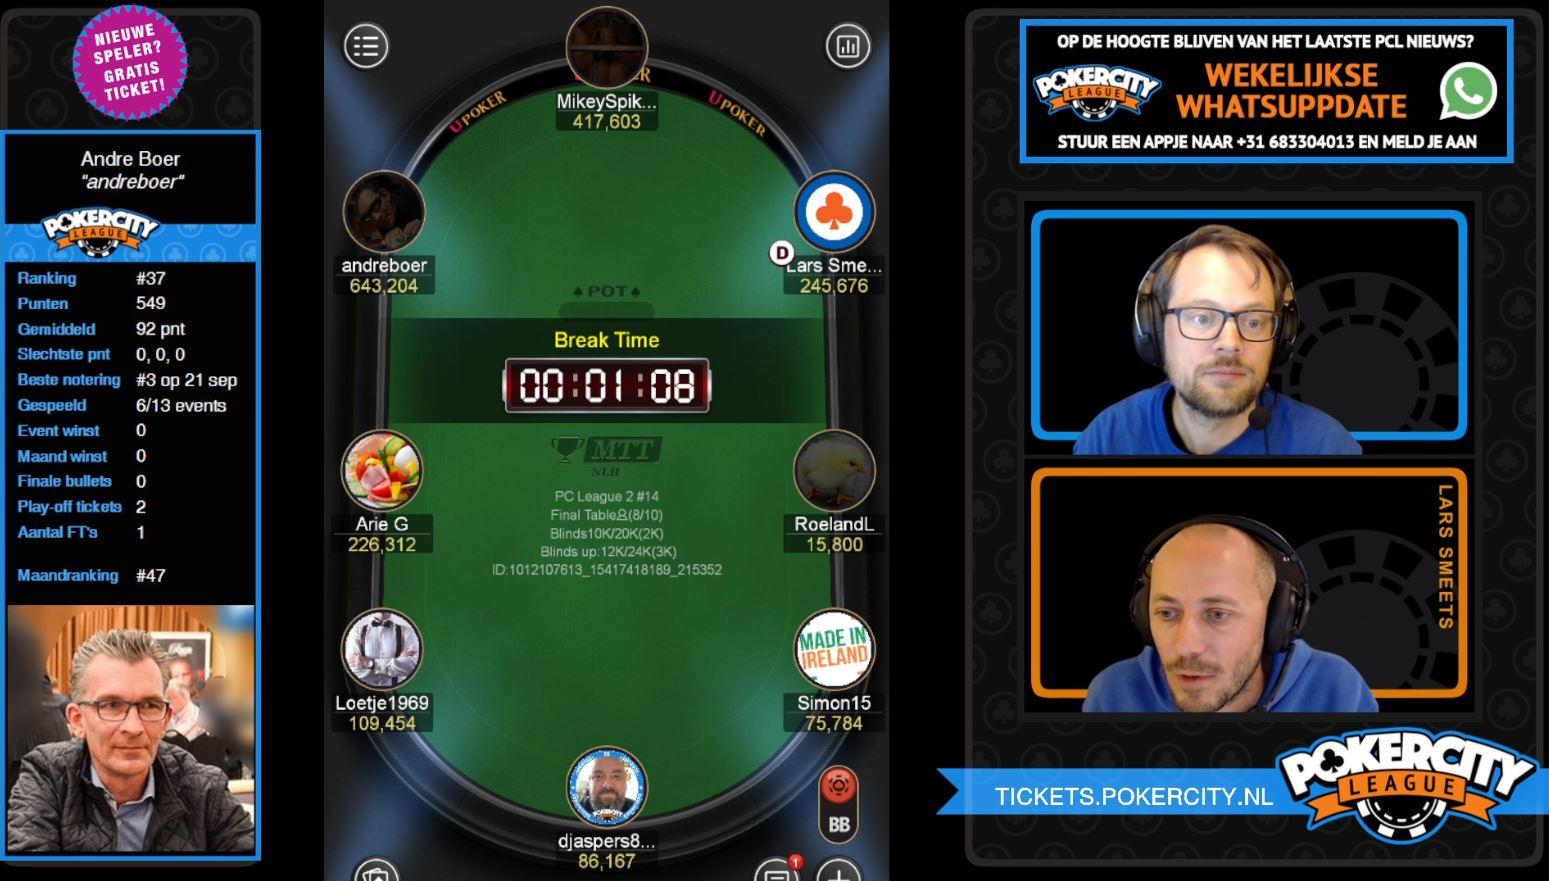 PokerCity League - Seizoen 2 - #14 - Finaletafel